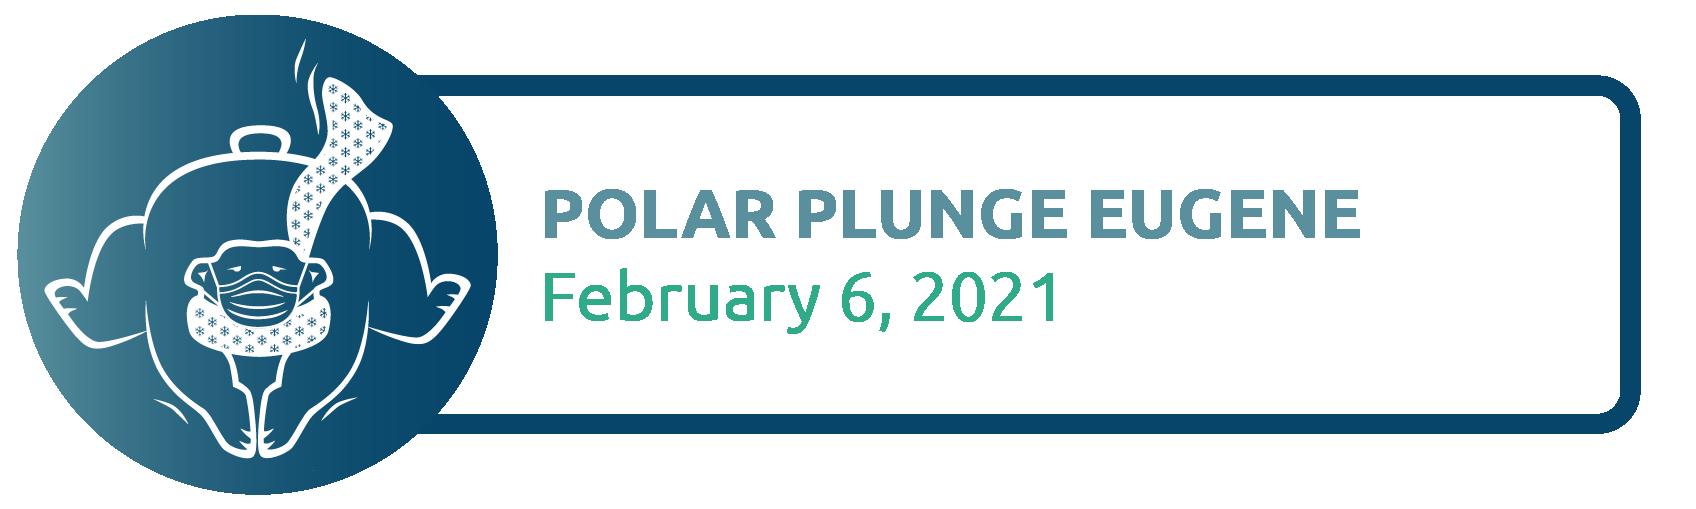 2021 Plunge Eugene